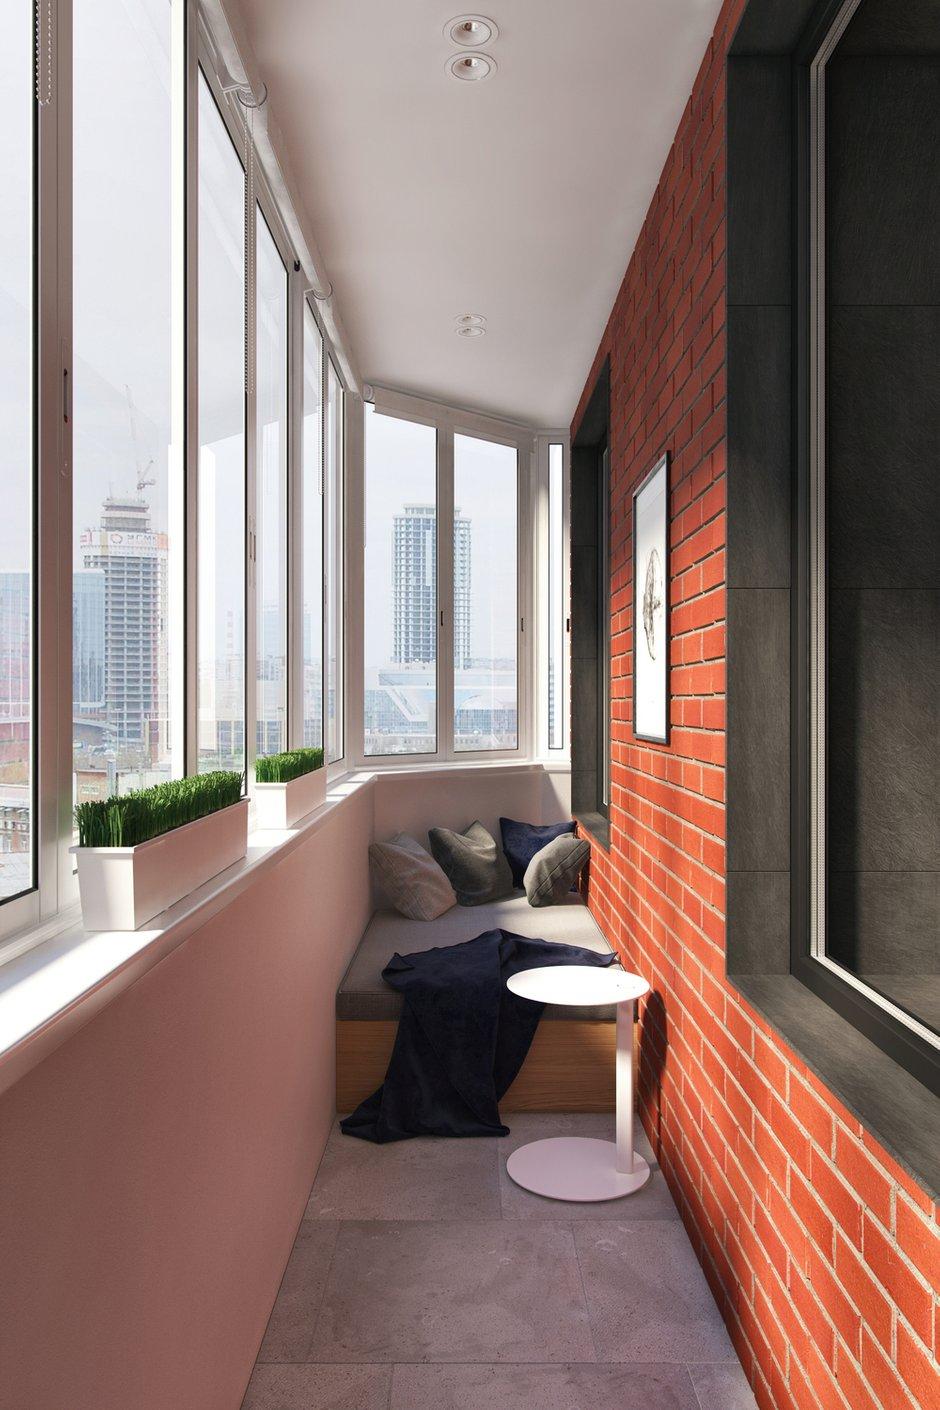 Фотография: Балкон в стиле Современный, Квартира, Проект недели, Москва, Geometrium, 3 комнаты, Более 90 метров, Монолитно-кирпичный, ЖК «Александр» – фото на InMyRoom.ru